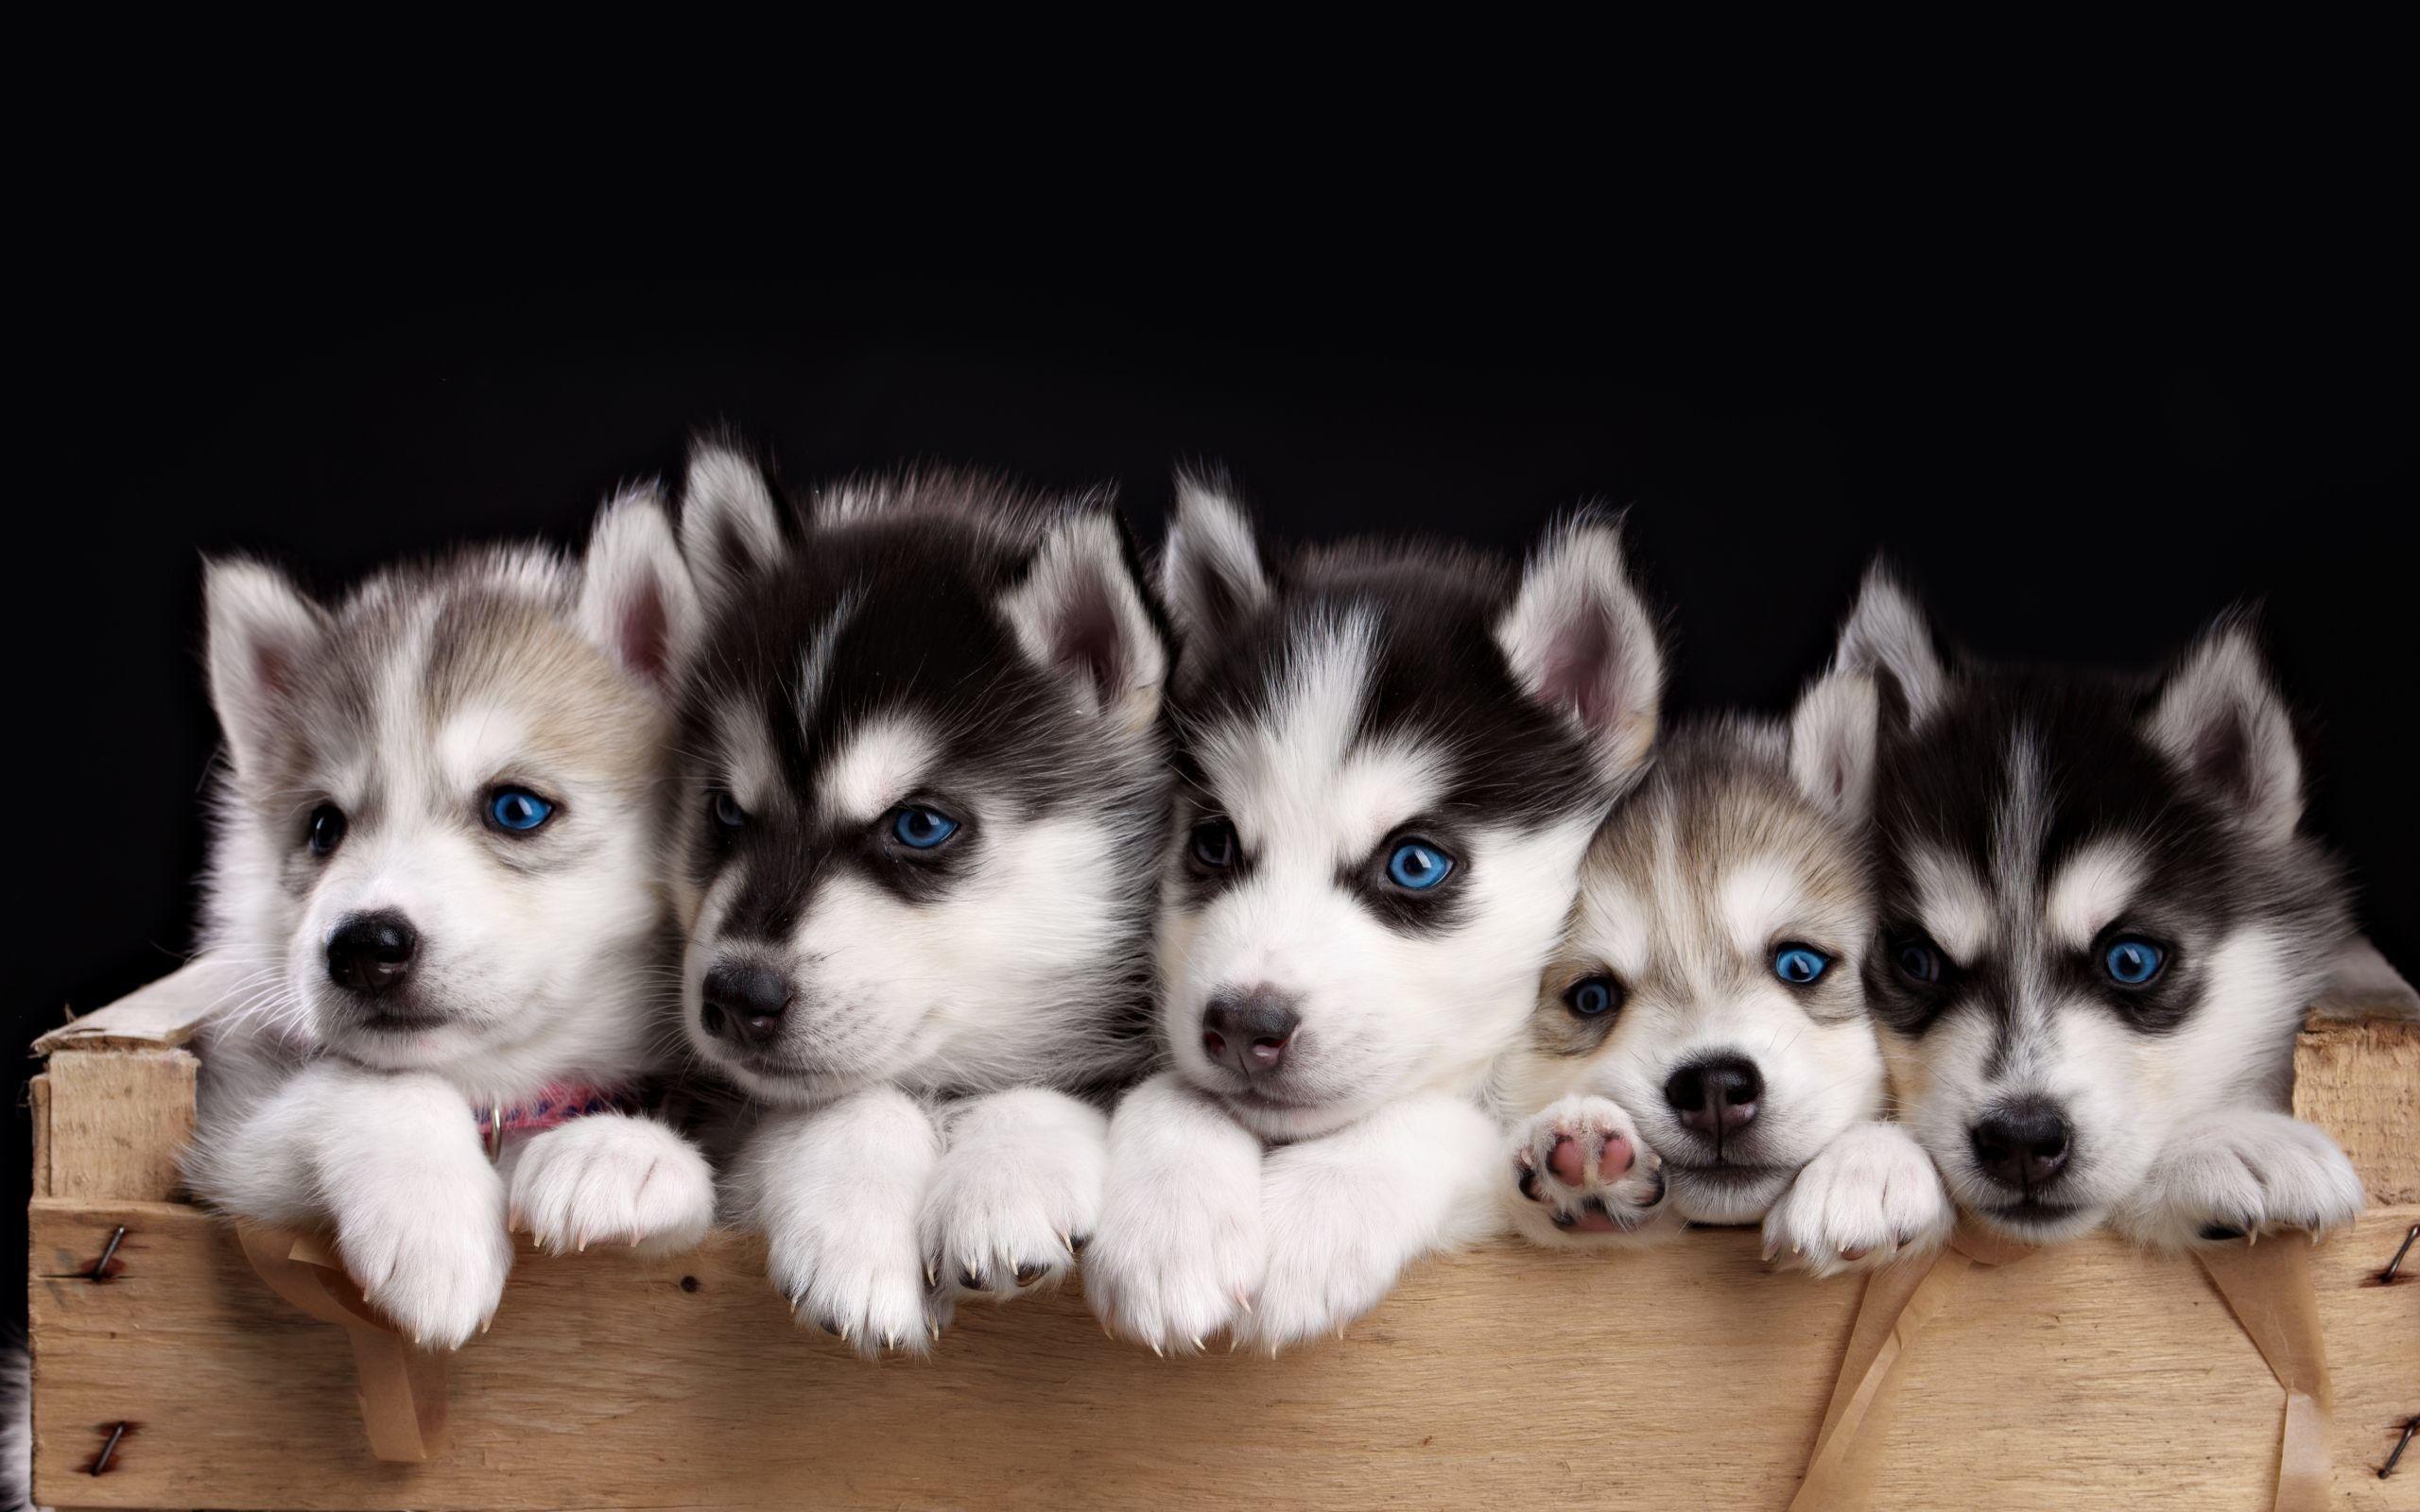 2560x1600 Husky Puppies Wallpaper Hd For Desktop Of Miniature Husky Cute Husky Puppies Husky Puppy Puppy Wallpaper